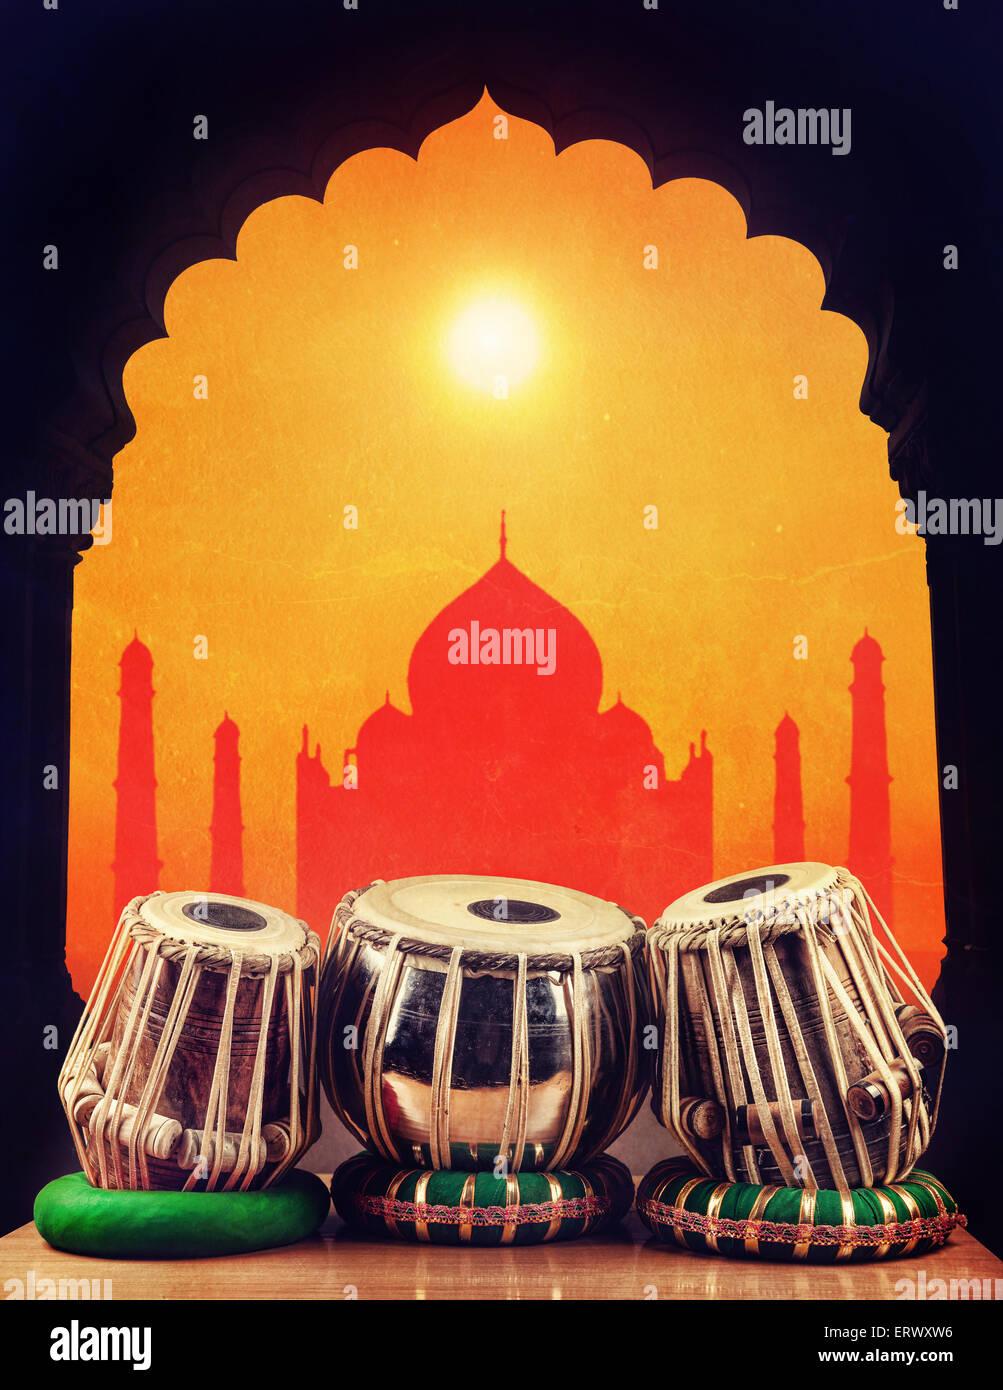 Musica classica indiana tabla strumento tamburi al Taj Mahal background in India Immagini Stock